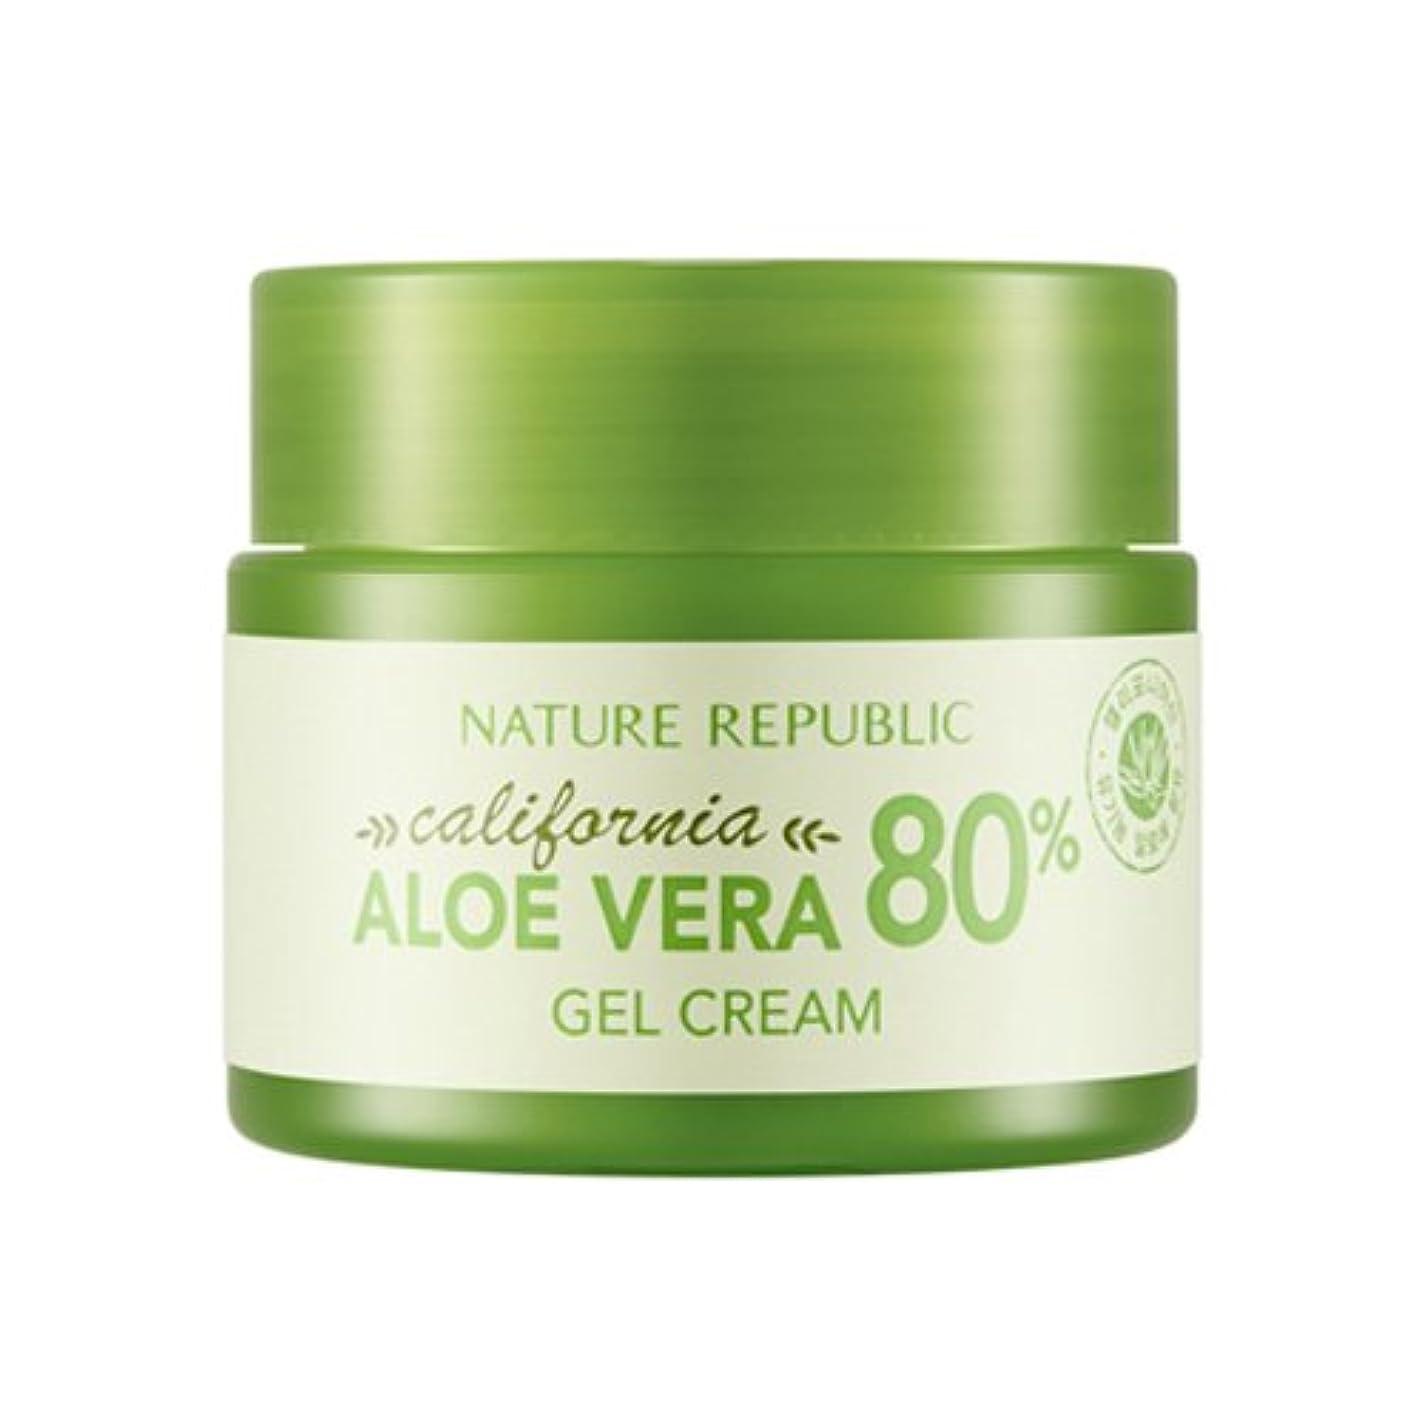 余裕がある背が高い高価な[ネイチャーリパブリック] Nature Republic カリフォルニアアロエベラ80%のゲルクリーム California Aloe Vera 80% Gel Cream [並行輸入品]